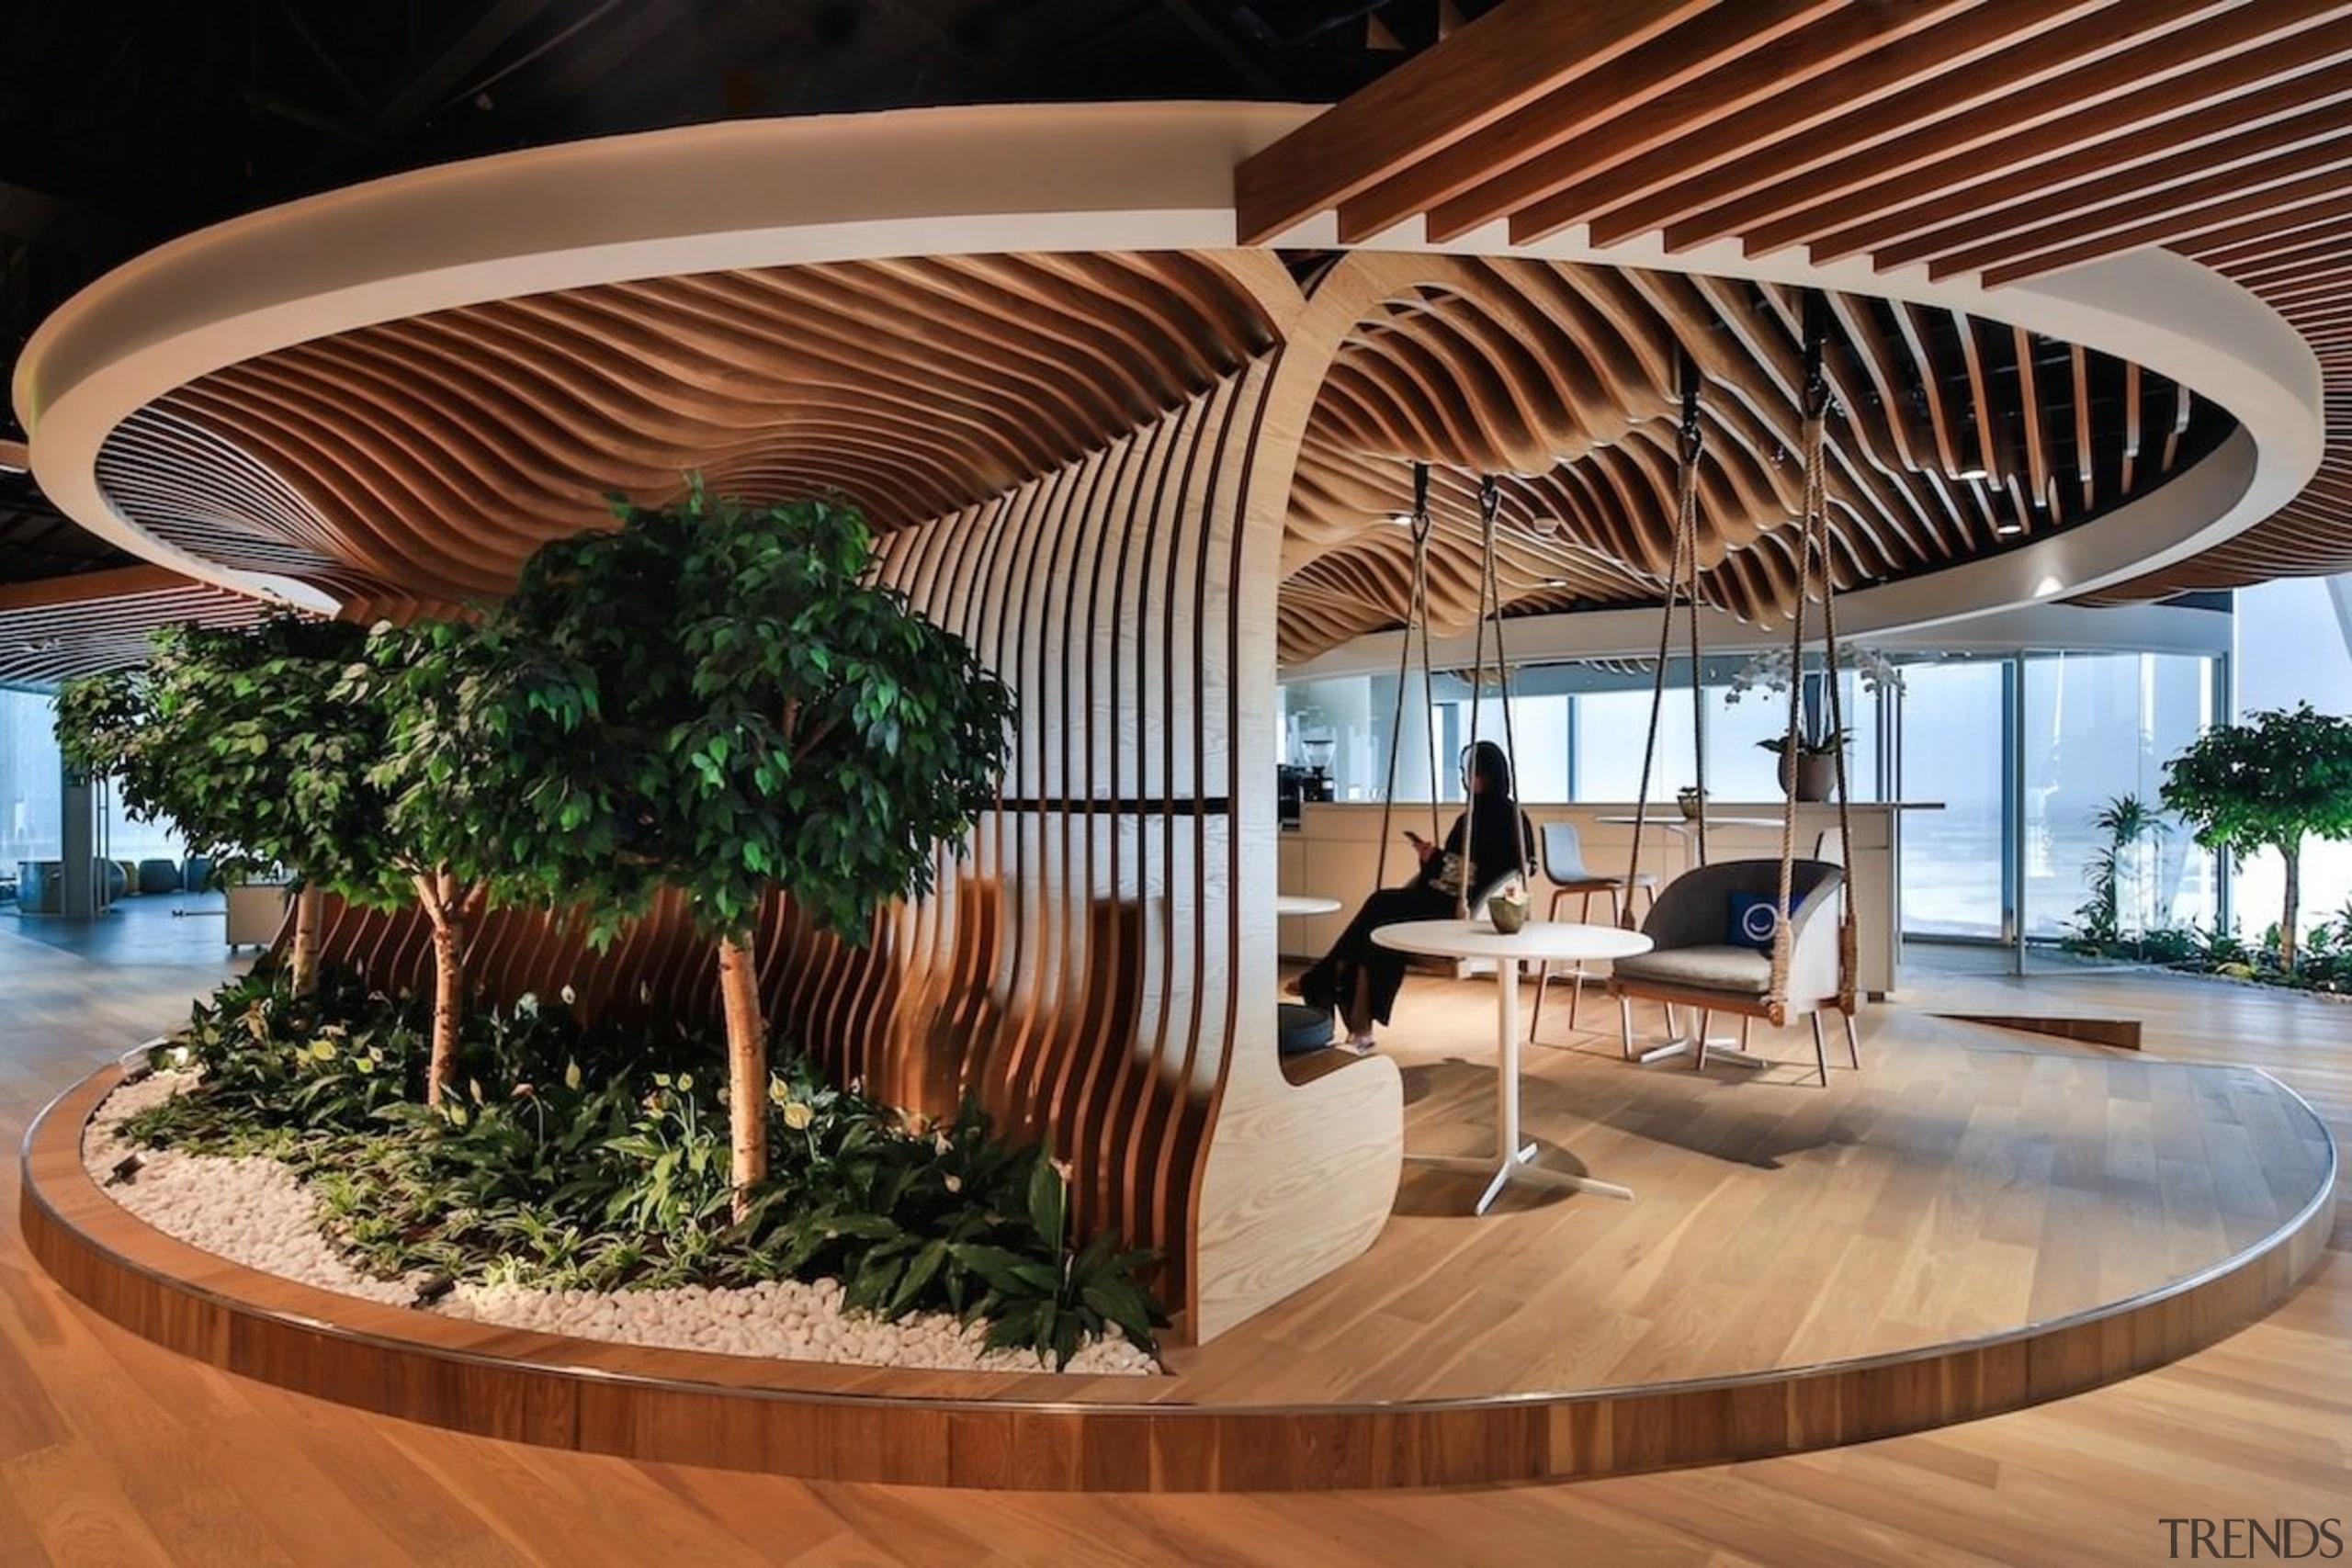 Smart Dubai - Smart Dubai - architecture | architecture, estate, outdoor structure, real estate, brown